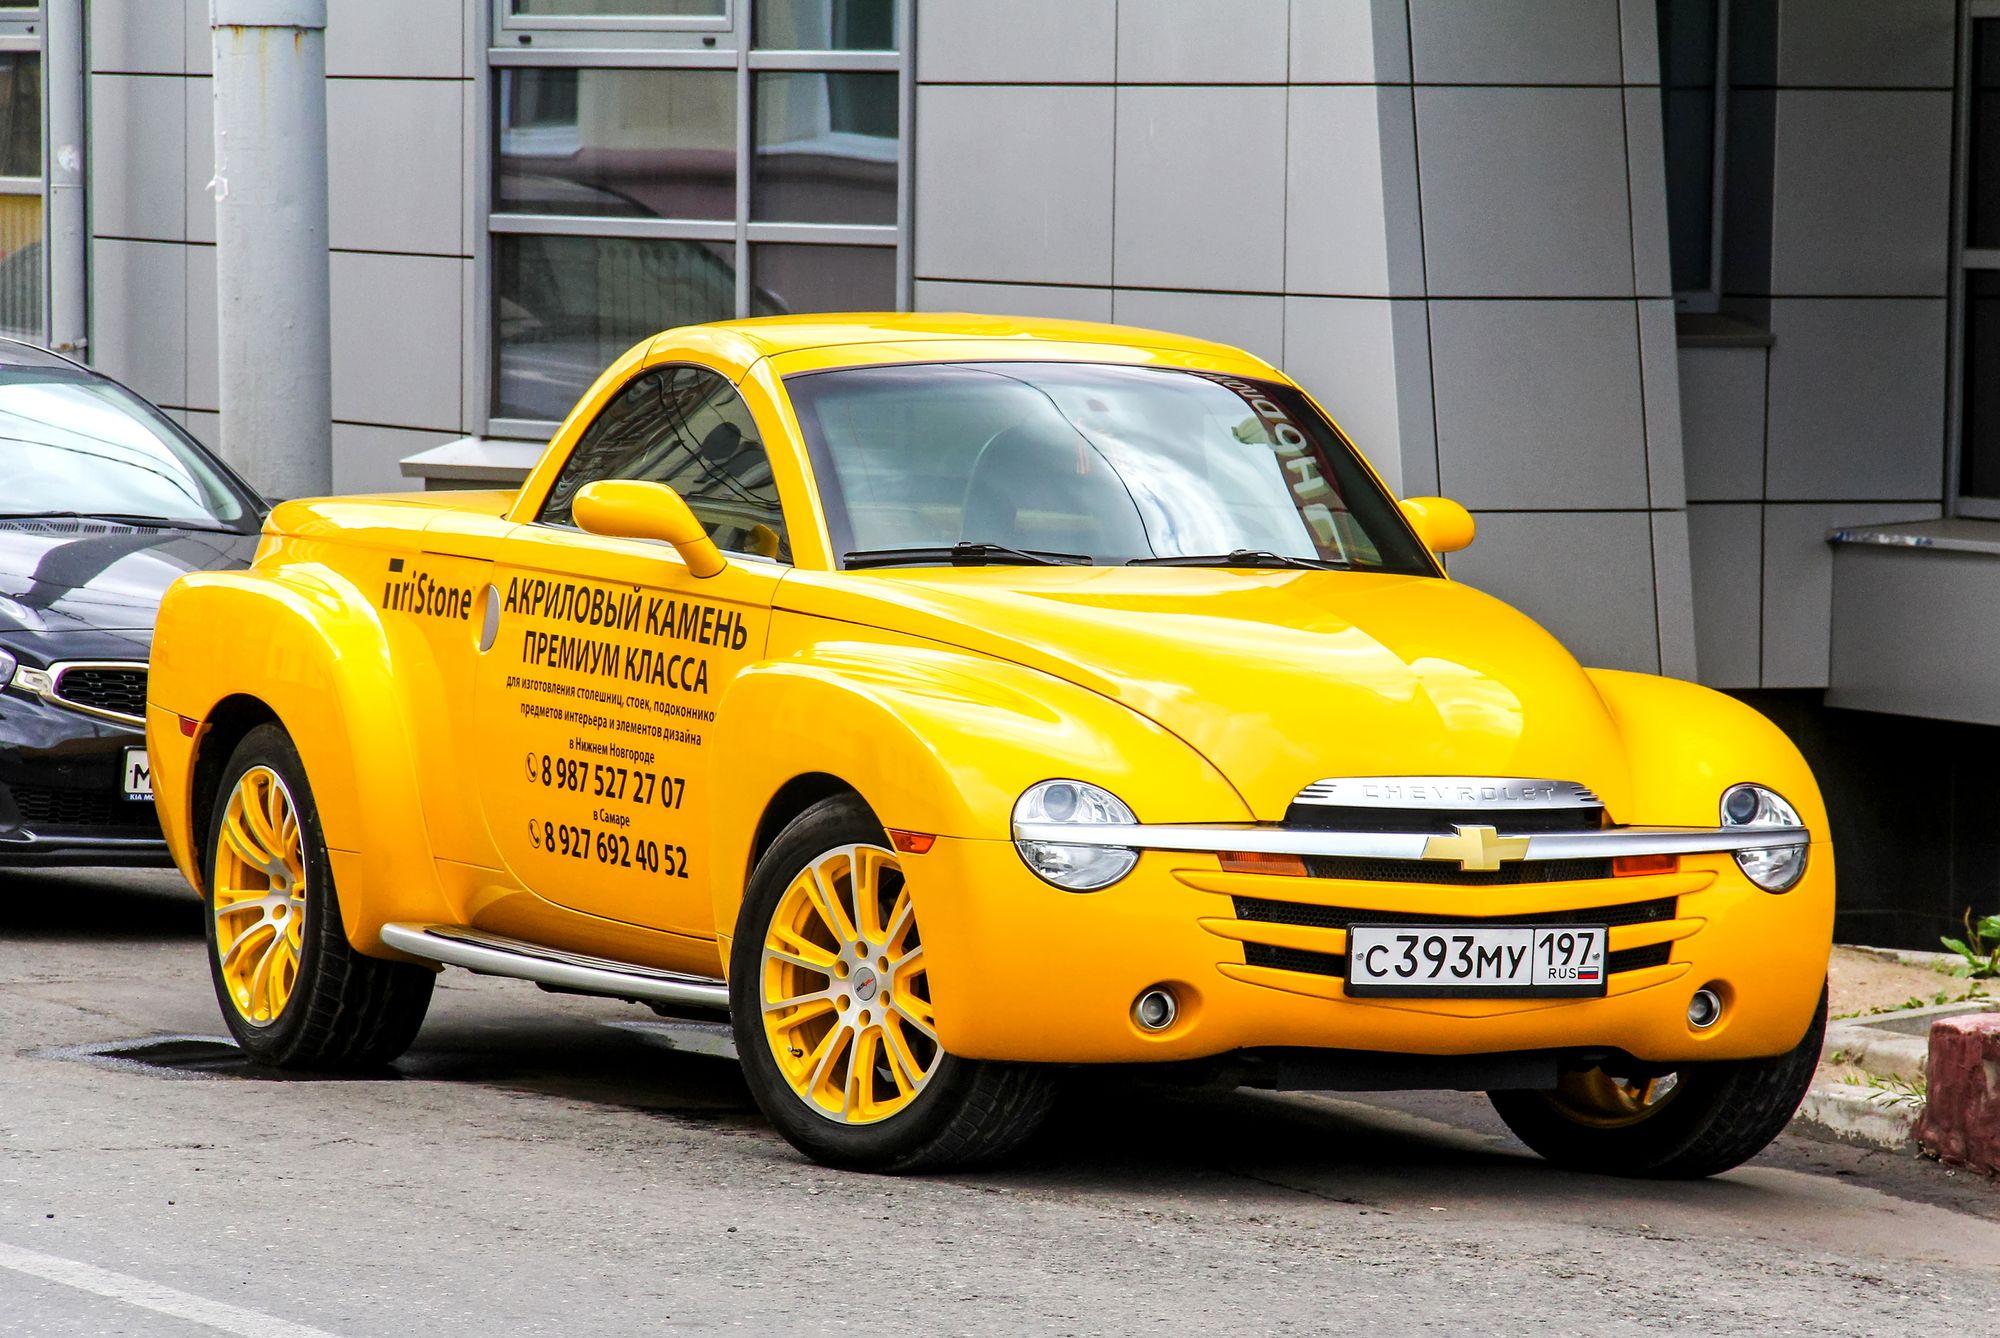 κίτρινο αυτοκίνητο παρκαρισμένο στο δρόμο